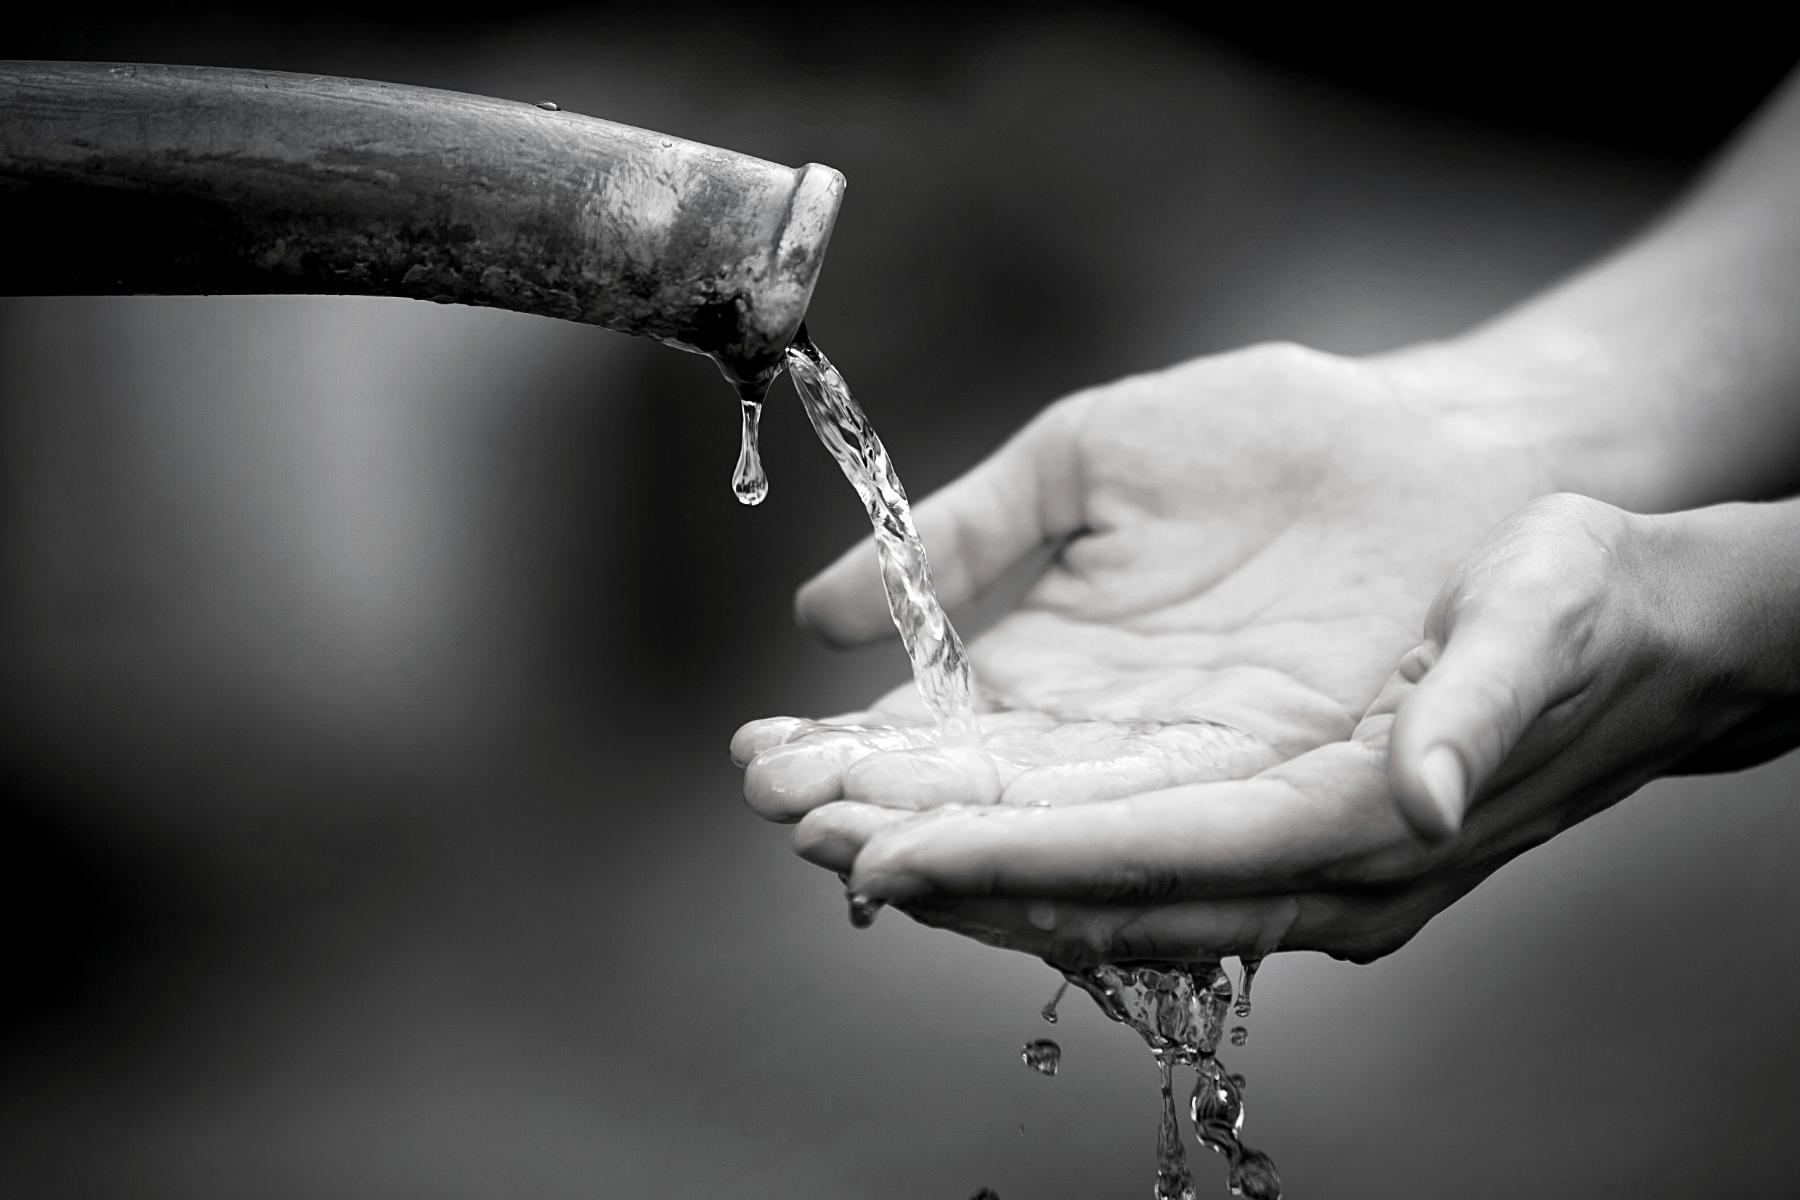 water uit een leiding